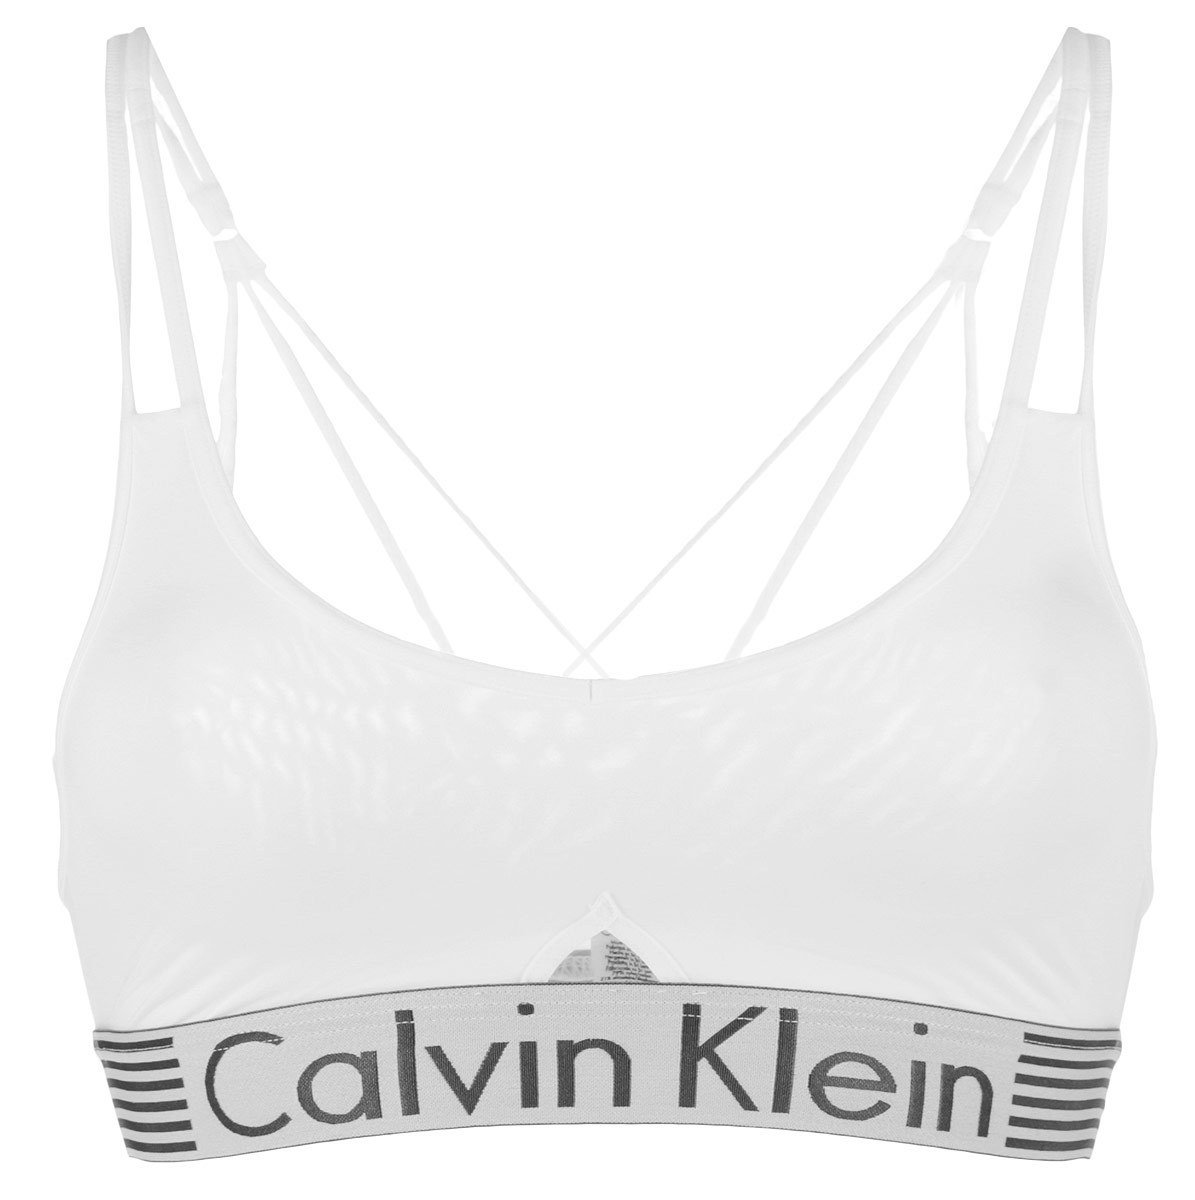 Топ-бра женский Calvin Klein Underwear, цвет: белый. QF1537E. Размер L (46/48)QF1537EУдобный и практичный топ-бра Calvin Klein, выполненный из высококачественного эластичного полиамида, идеально подойдет для активного отдыха и занятий фитнесом, а также для повседневной носки. Модель на тонких бретелях имеет широкий эластичный пояс, украшенный логотипом производителя. Тонкие несъемные бретельки надежно фиксируют топ на плечах. Такая модель подарит вам комфорт в течение дня и станет отличным дополнением к вашему гардеробу.